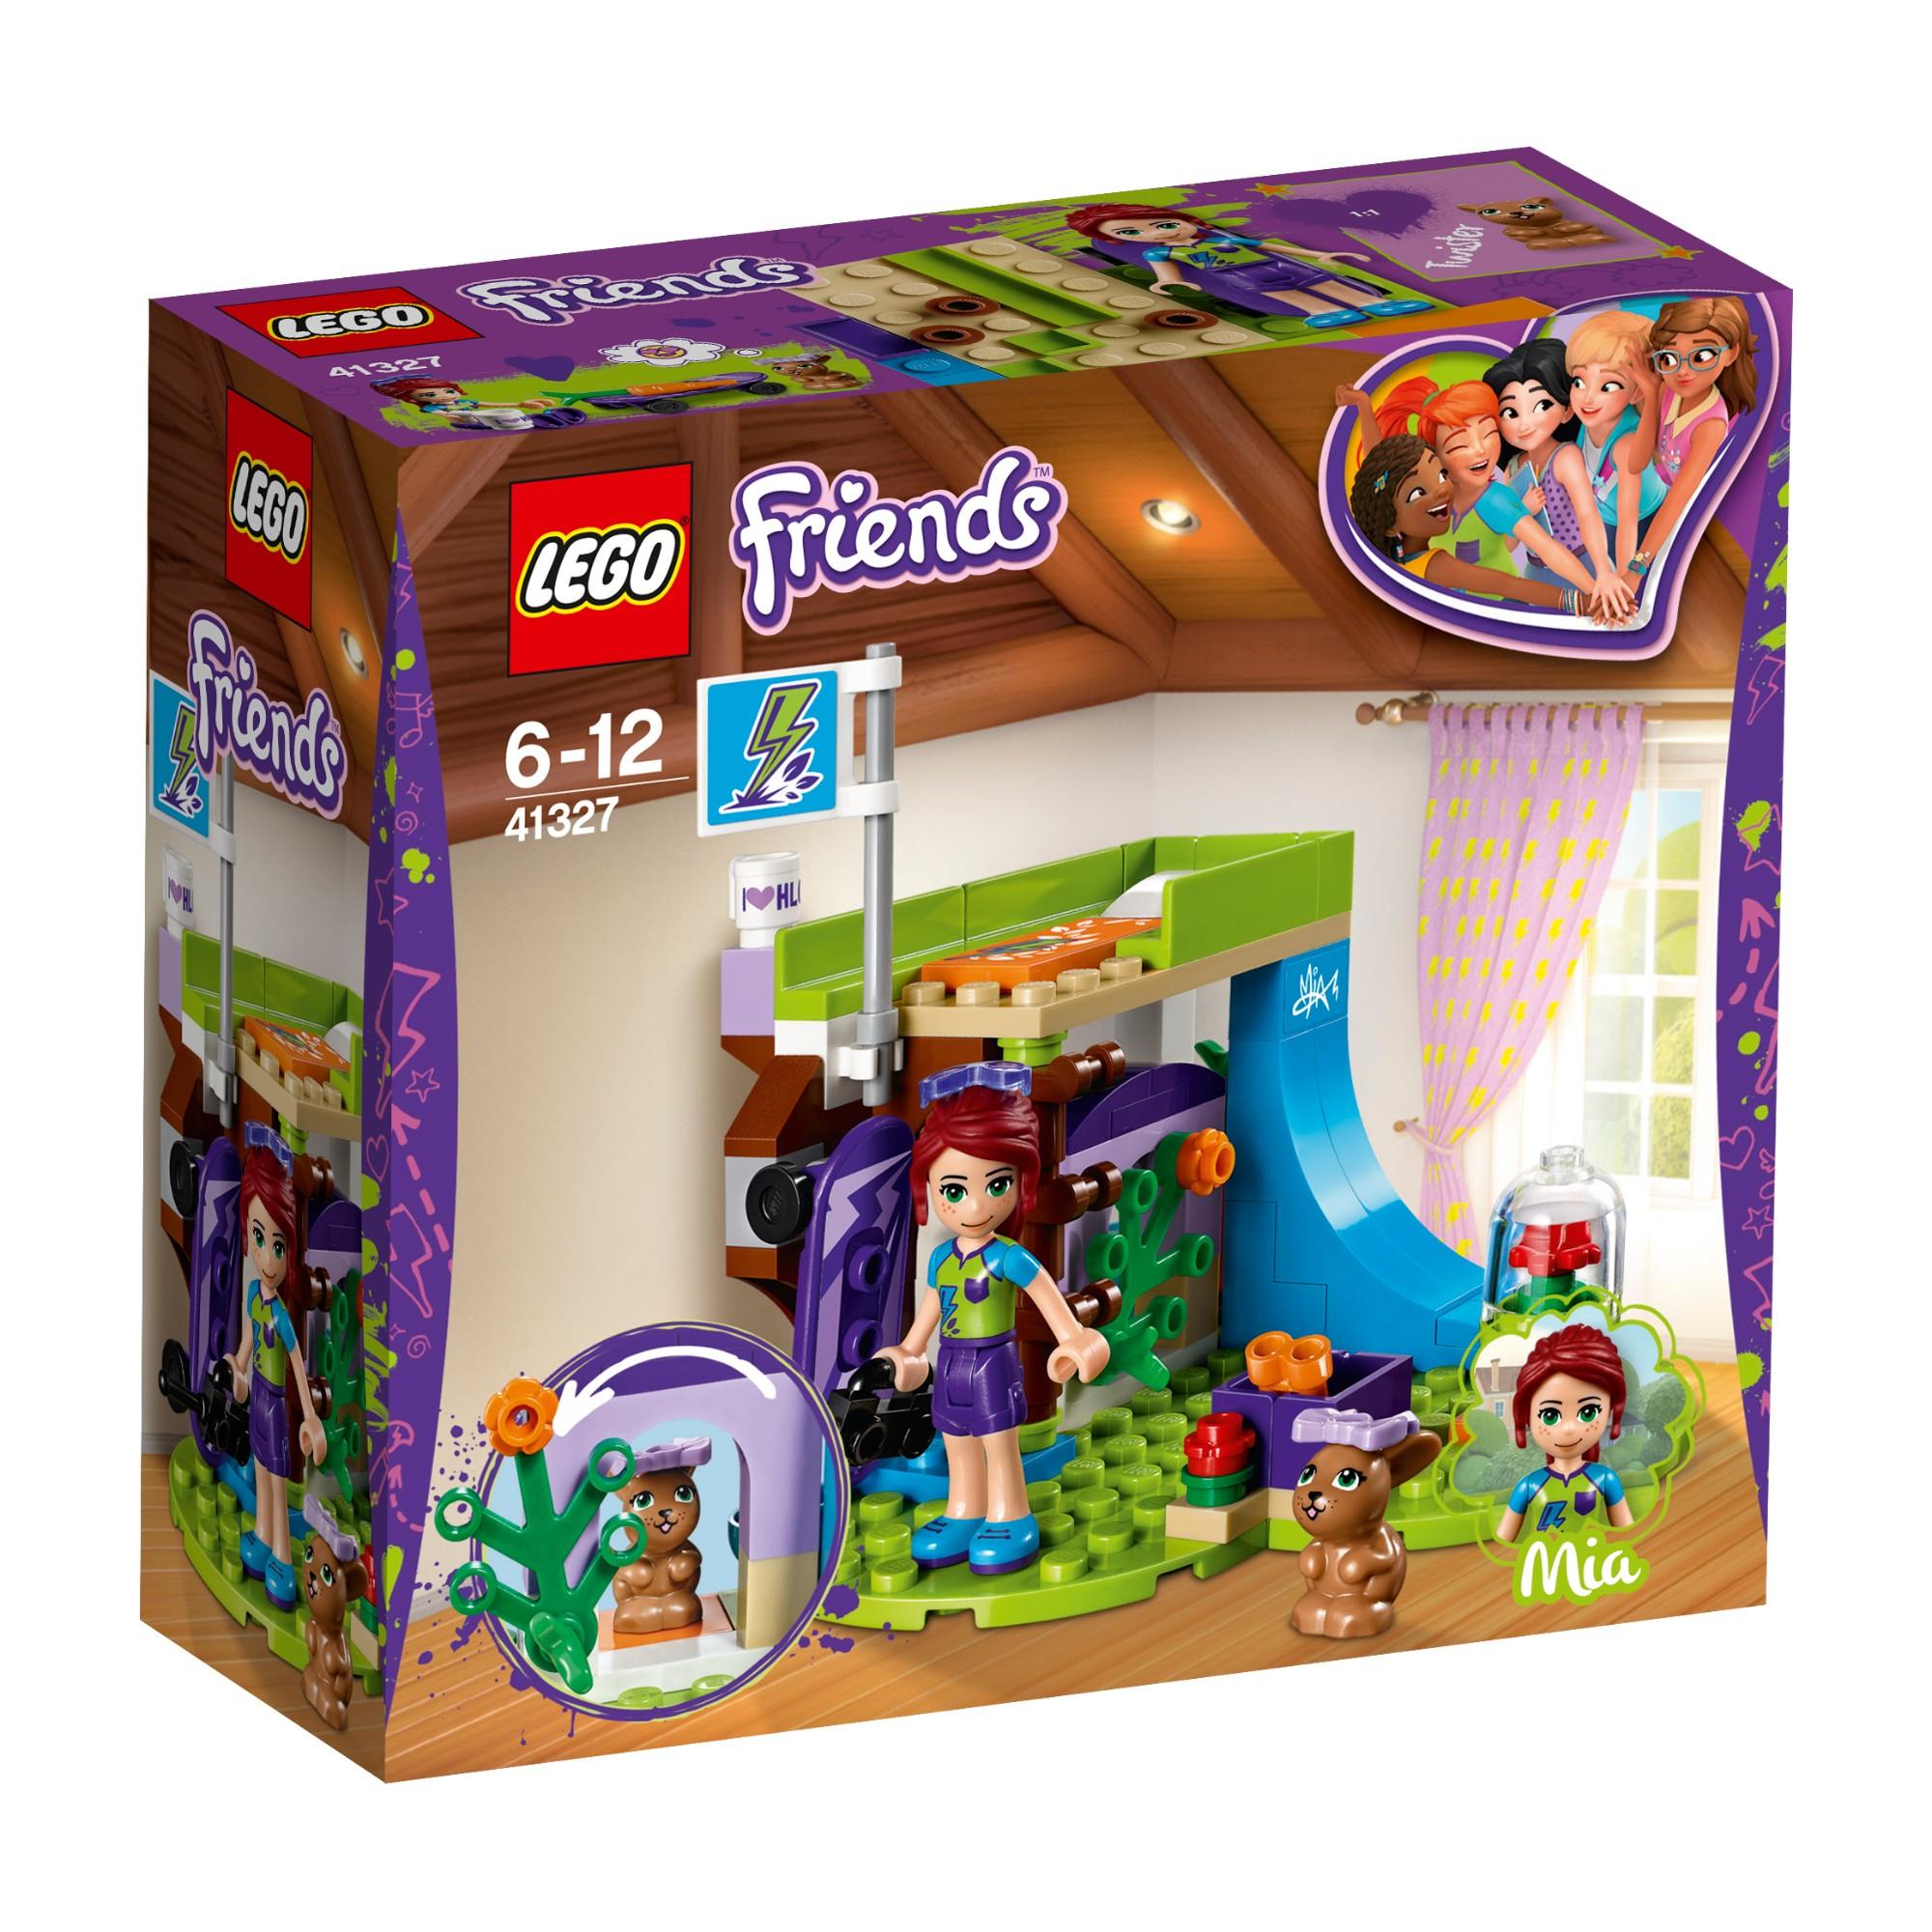 Konstruktorius LEGO FRIENDS Mia miegamasis 6-12 metų vaikams (41327)